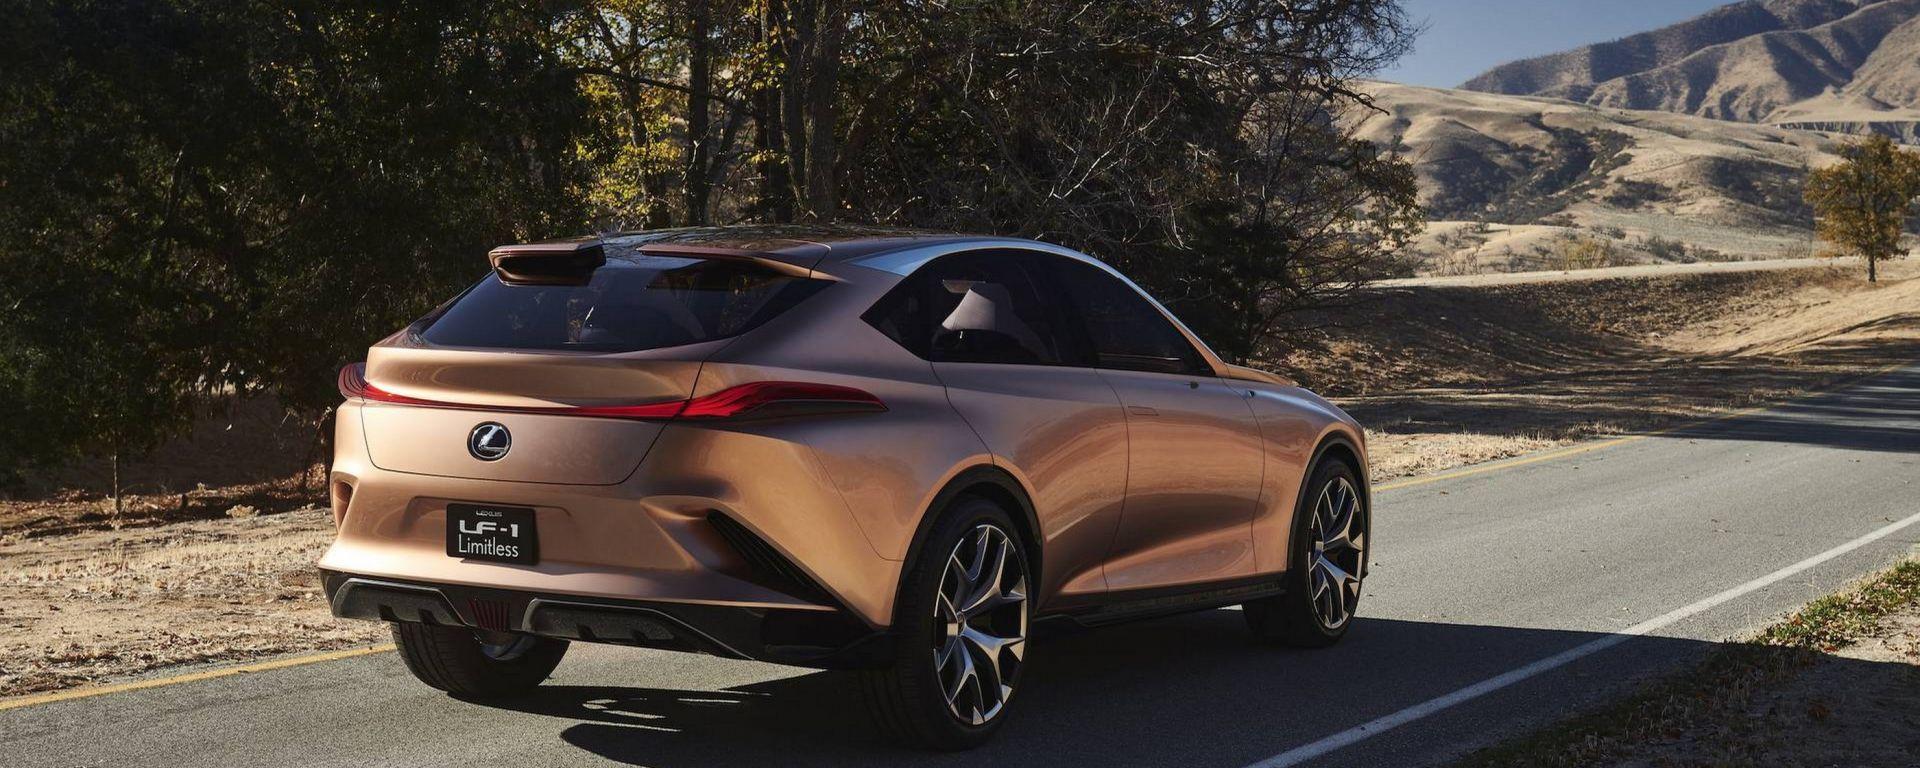 Lexus LF-1 Limitless Concept: a Detroit la nuova LX?